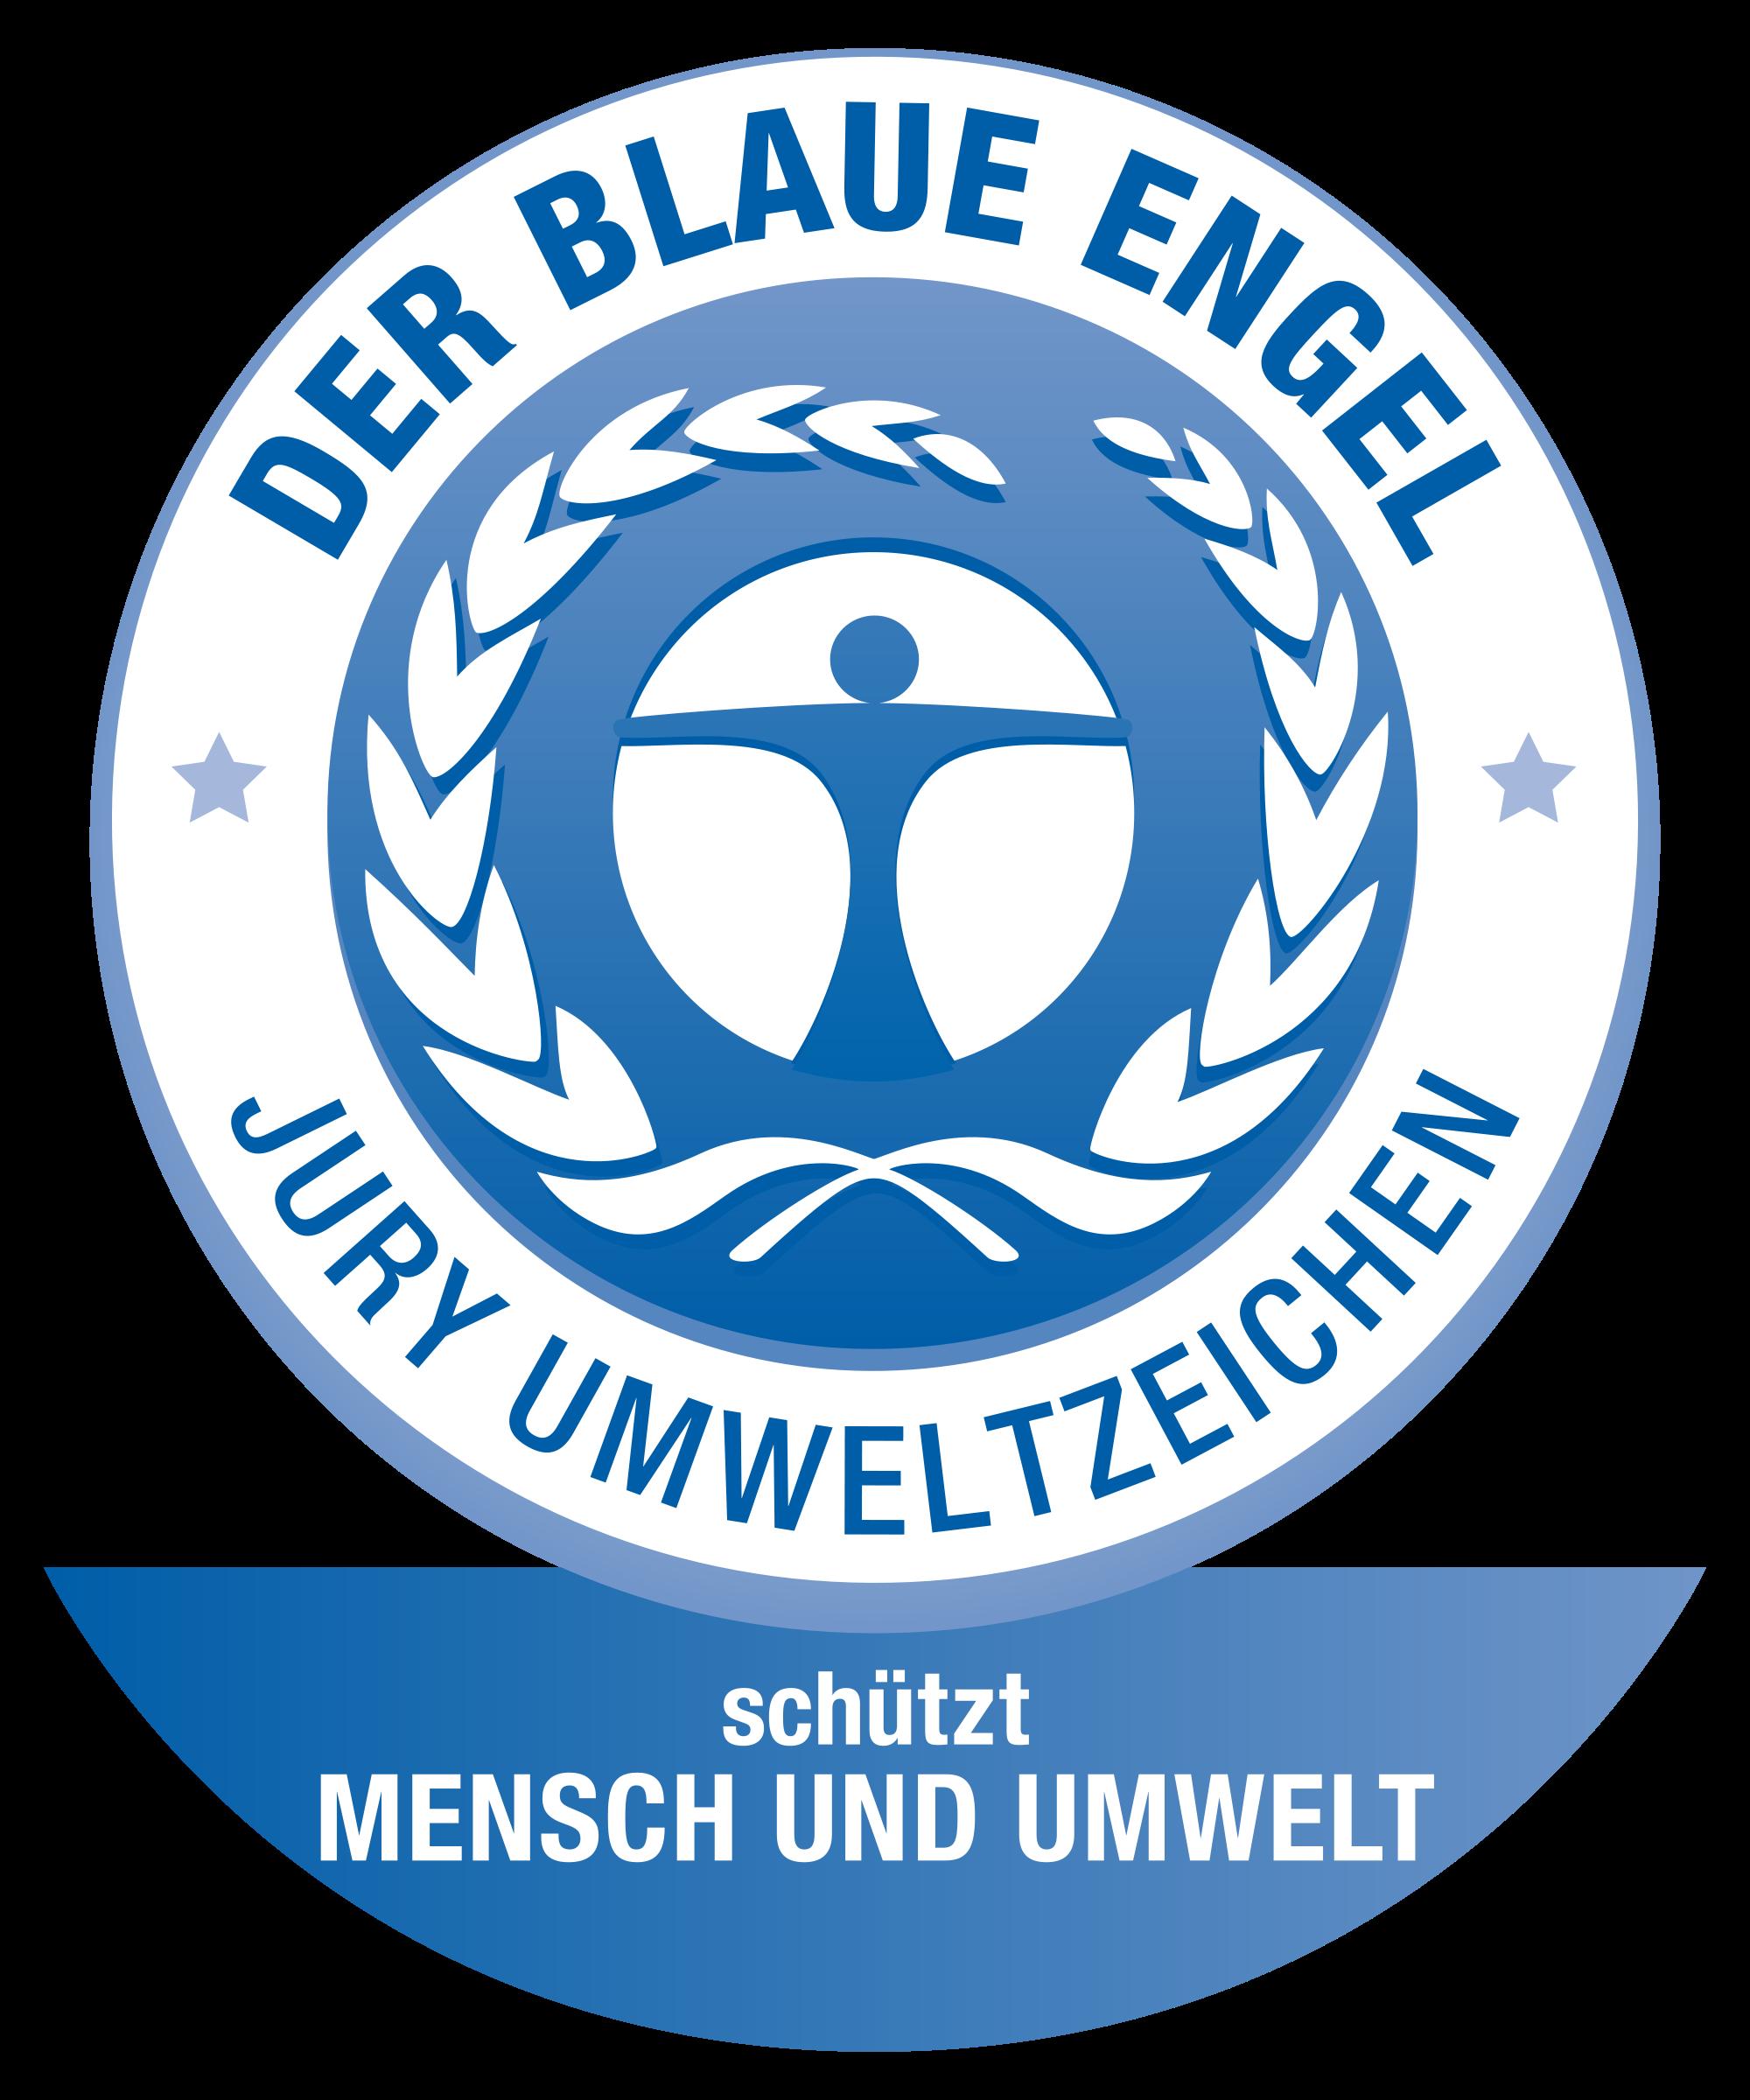 「德國藍天使標章」的圖片搜尋結果